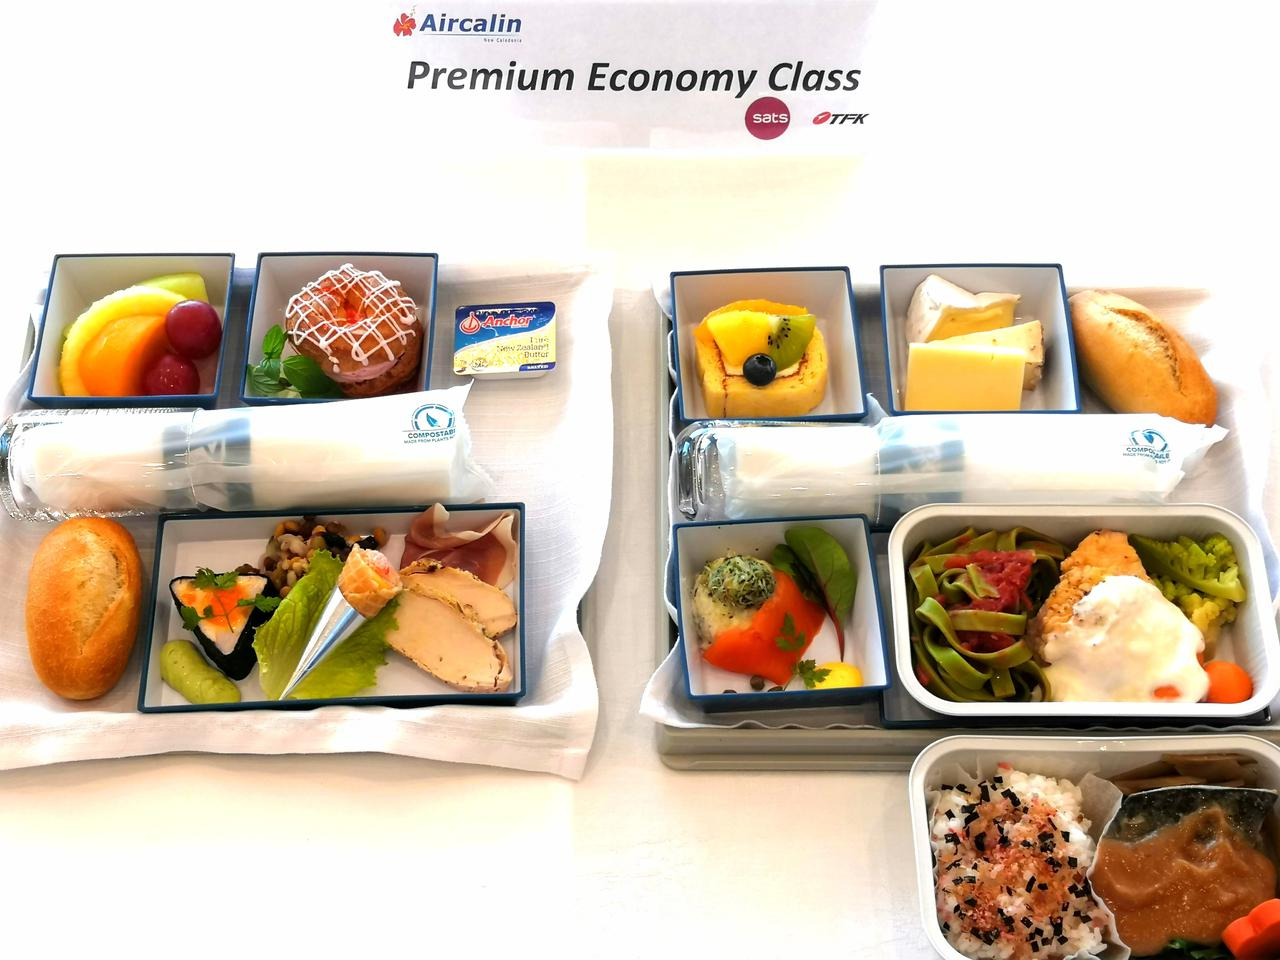 画像2: 右:搭乗後最初に配膳される温かいお食事 左:到着前に配膳される軽食